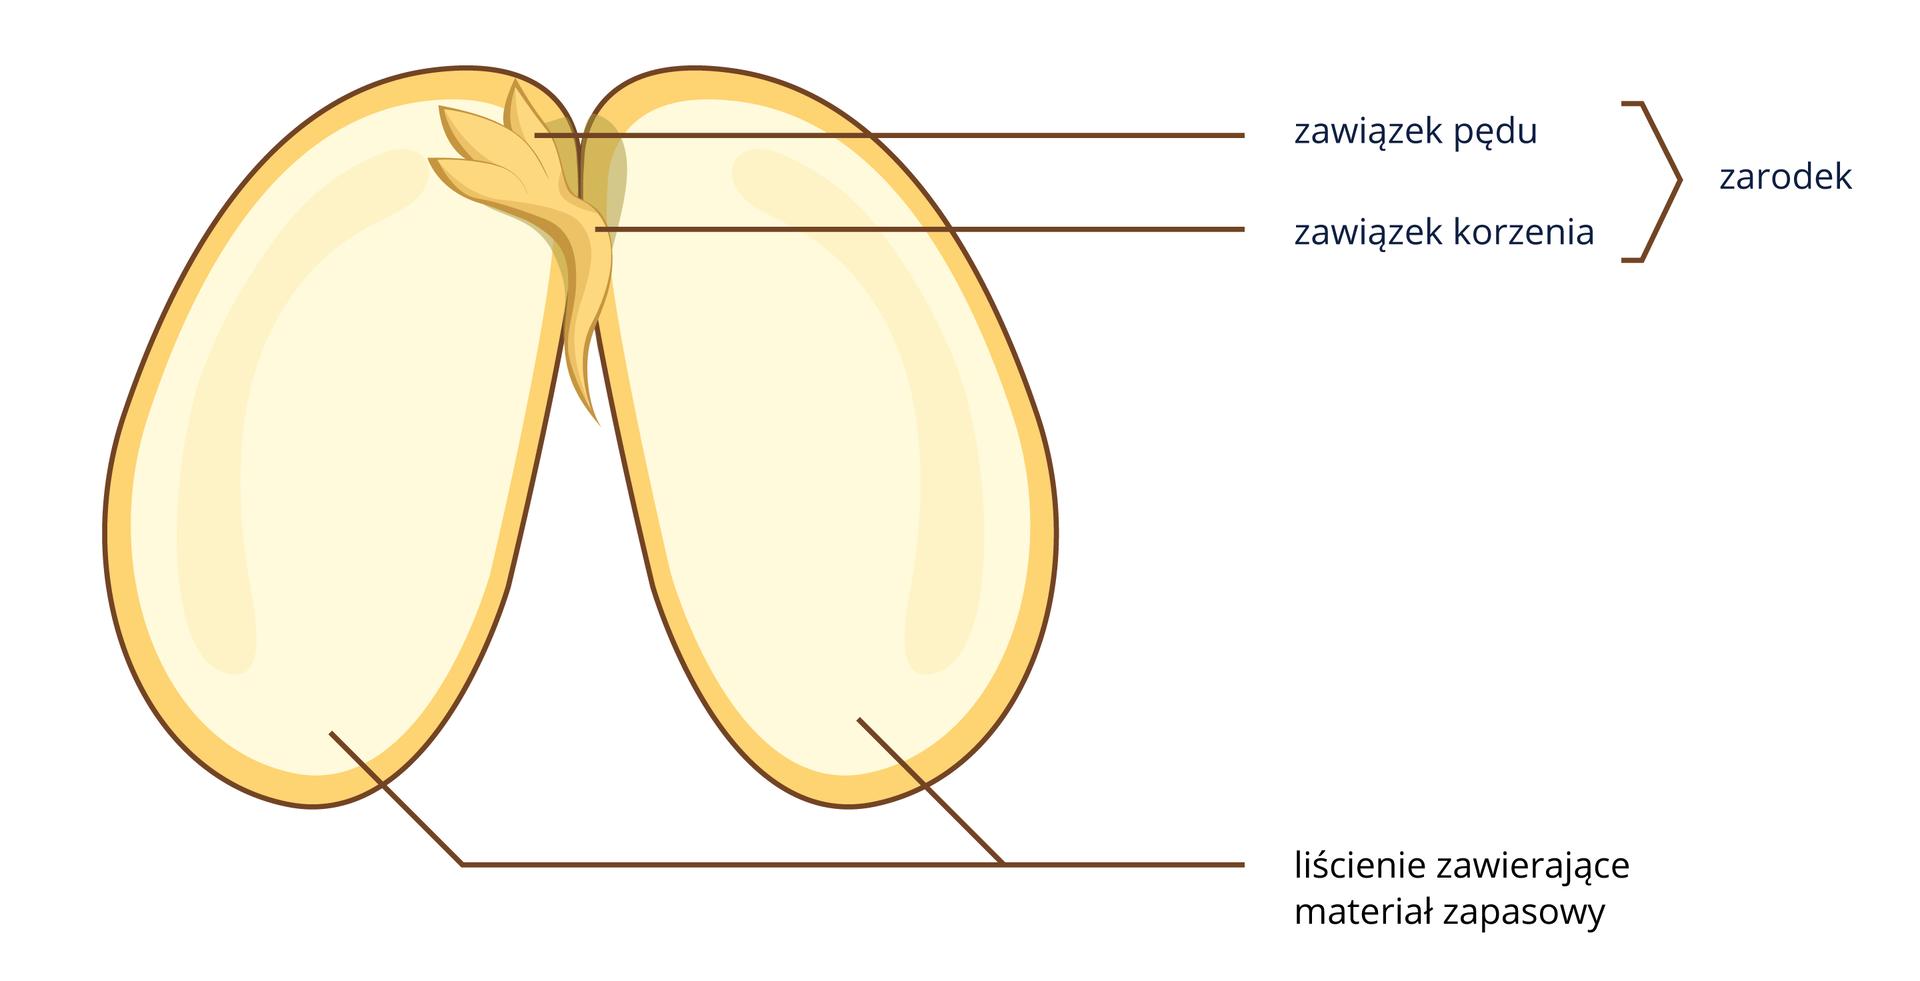 Budowa nasiona fasoli. Nasiono jest rozcięte. Wierzchnia warstwa to łupina nasienna. Pod spodem znajduje się bielmo, które stanowi większą część nasiona. Na górnym końcu znajduje się zarodek, zktórego rozwinie się młoda roślina.